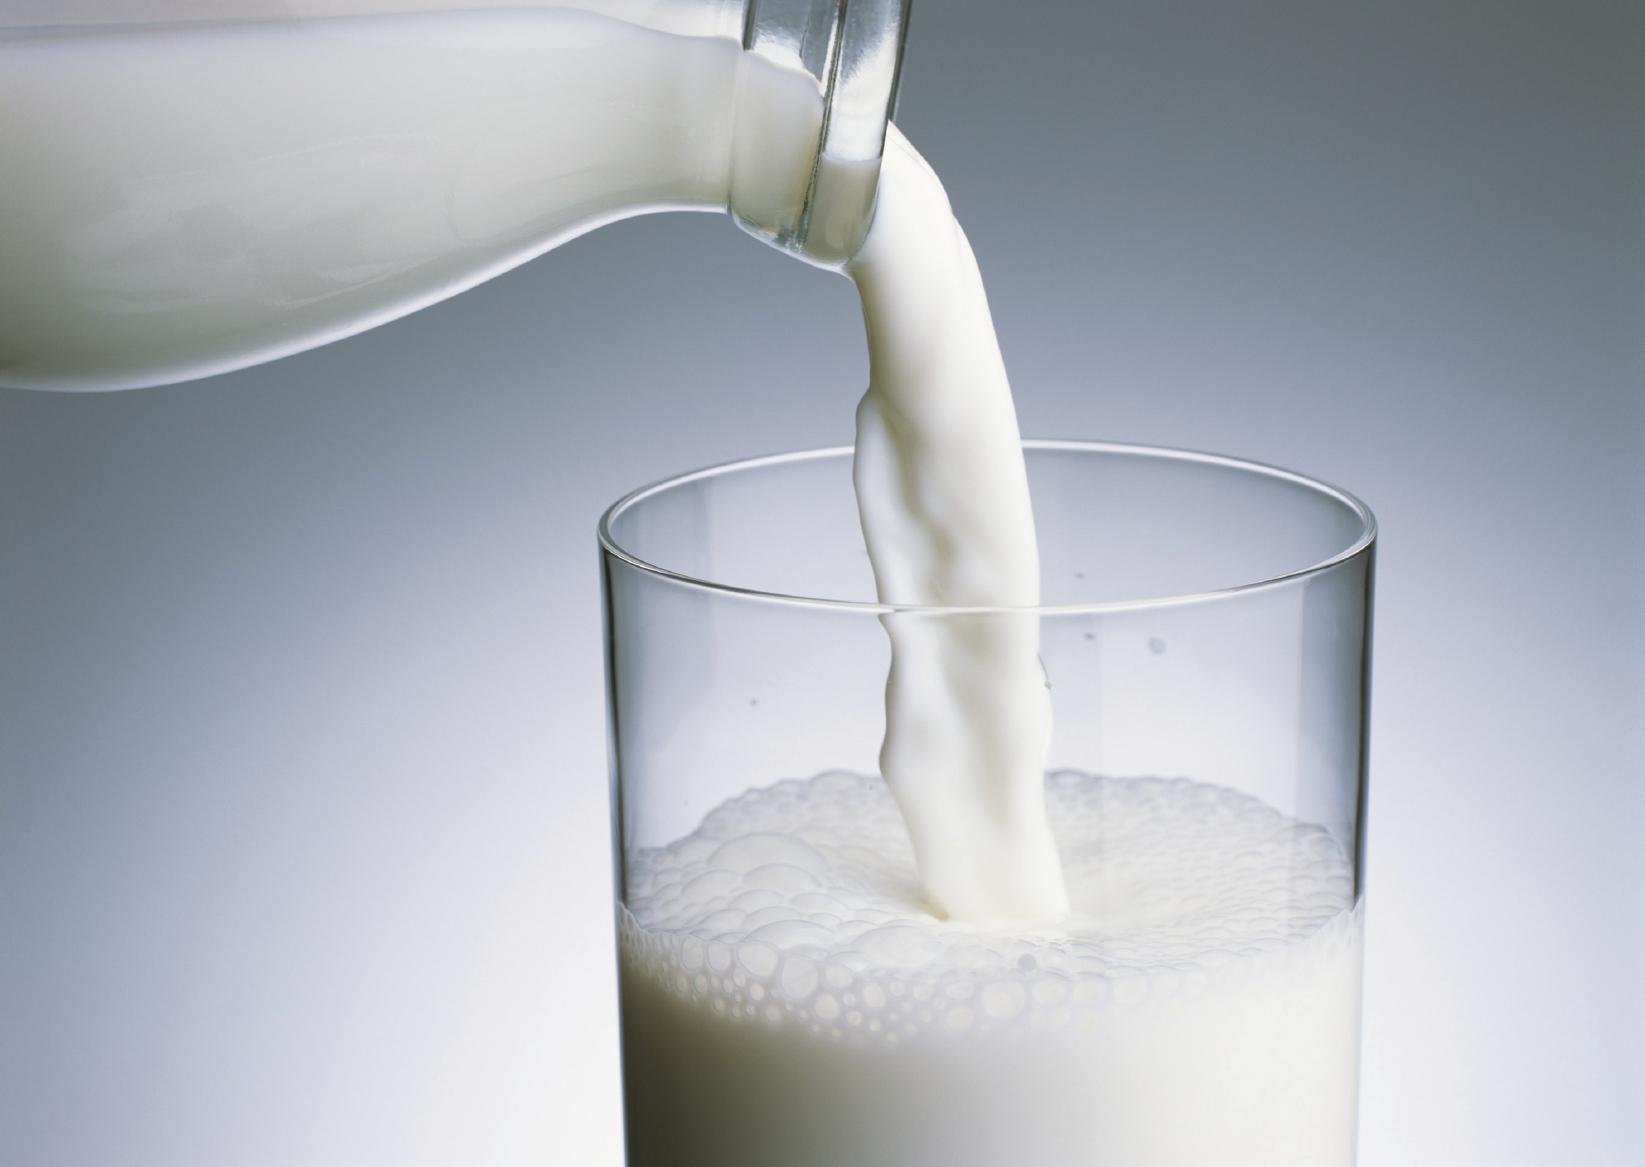 אחרי שנים של מגעים: ישראל תייצא מוצרי חלב לסין